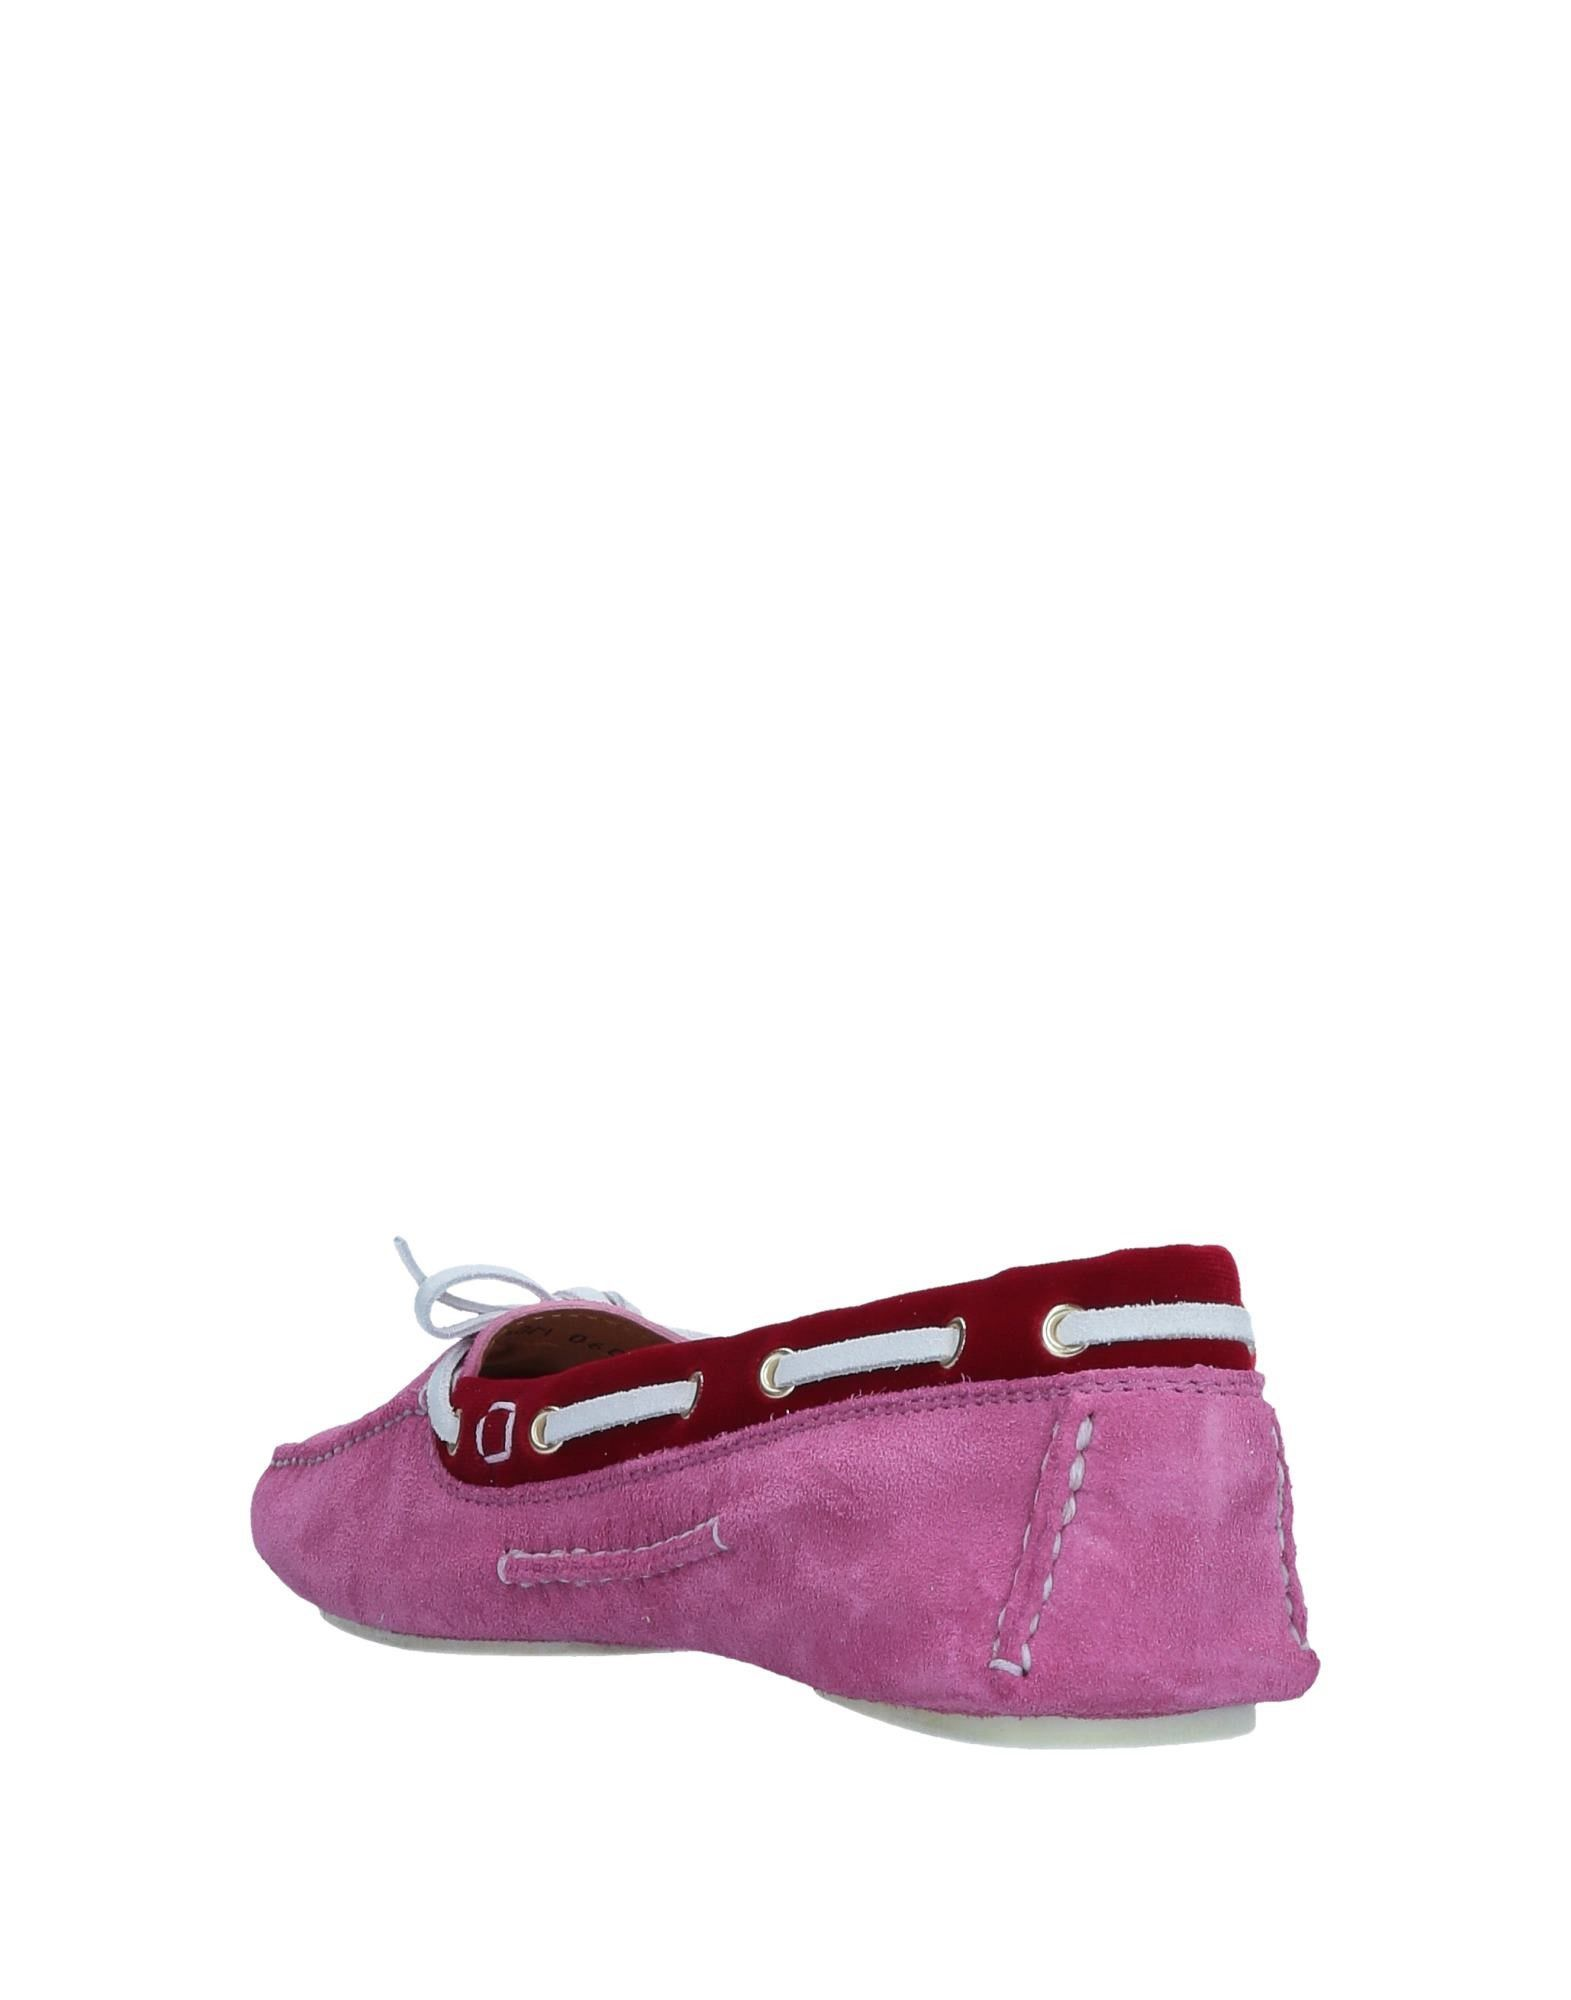 Arfango Mokassins Gute Herren  11547628QK Gute Mokassins Qualität beliebte Schuhe d1e239